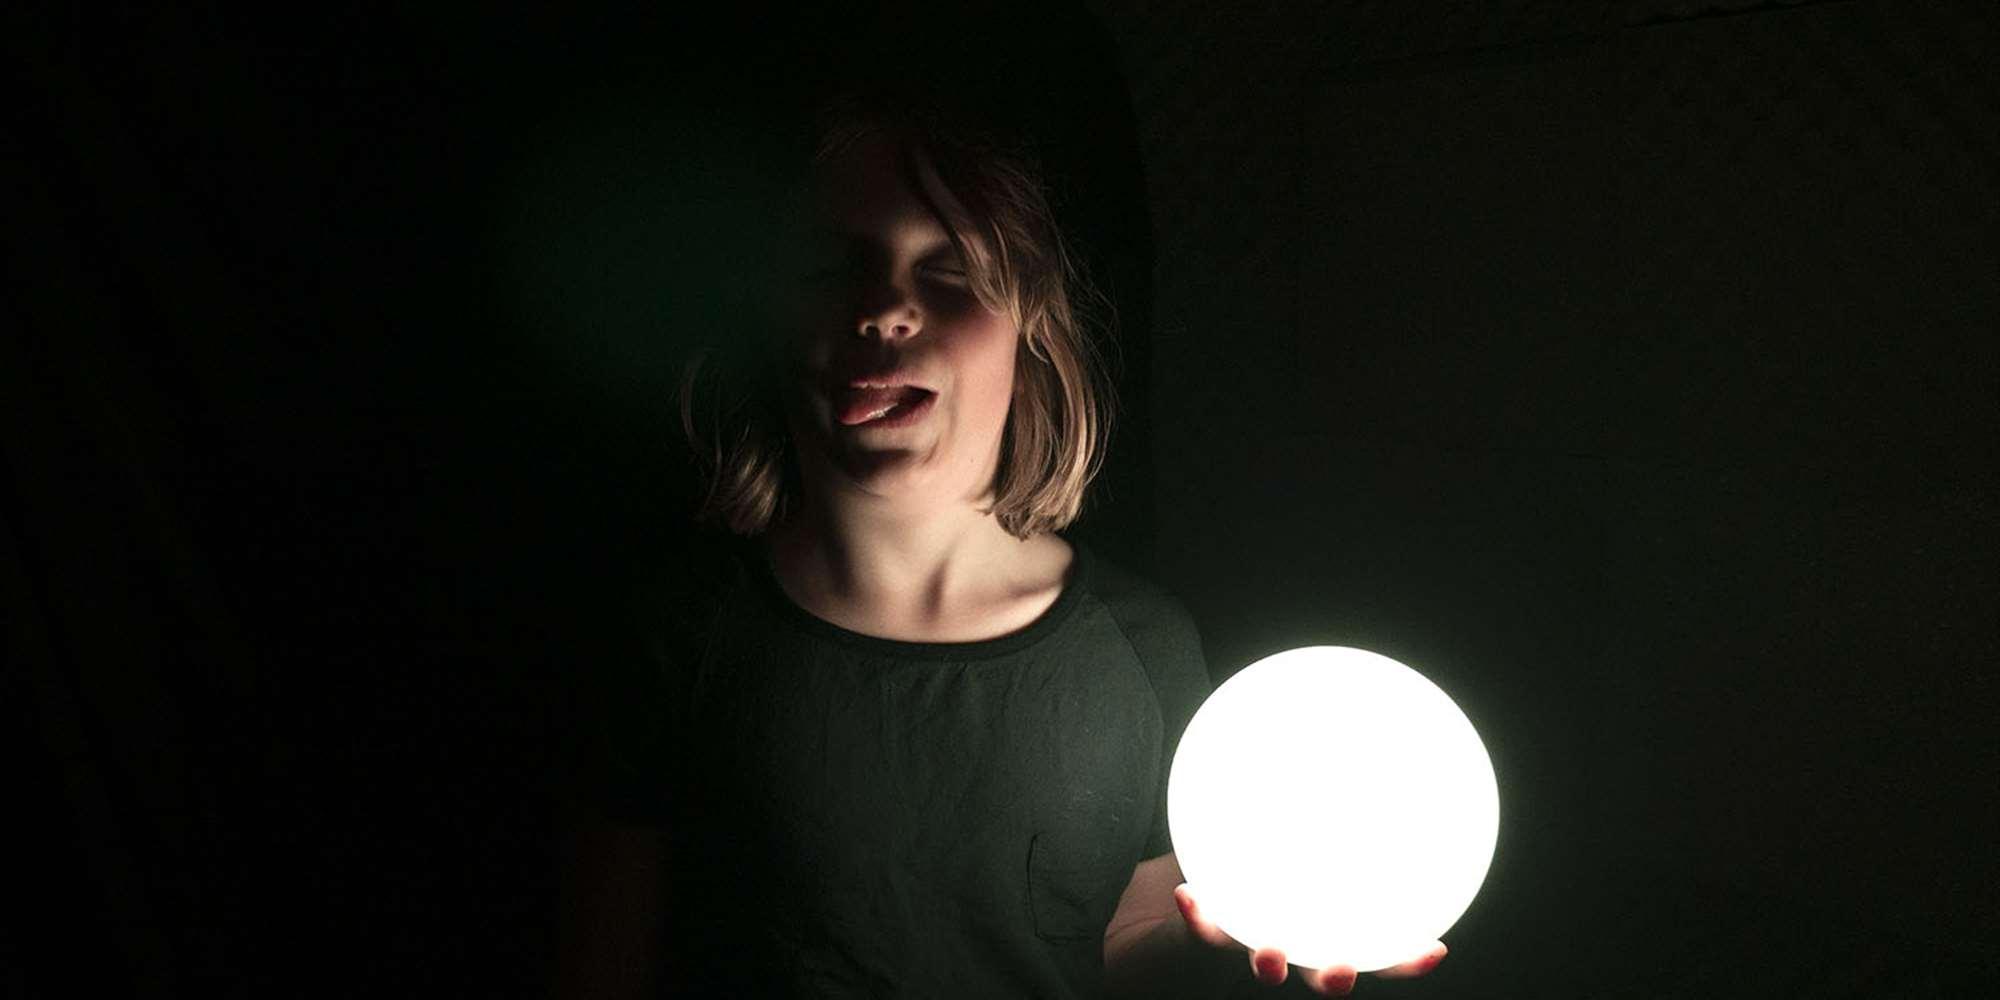 Hva vil det si å bære lyset?